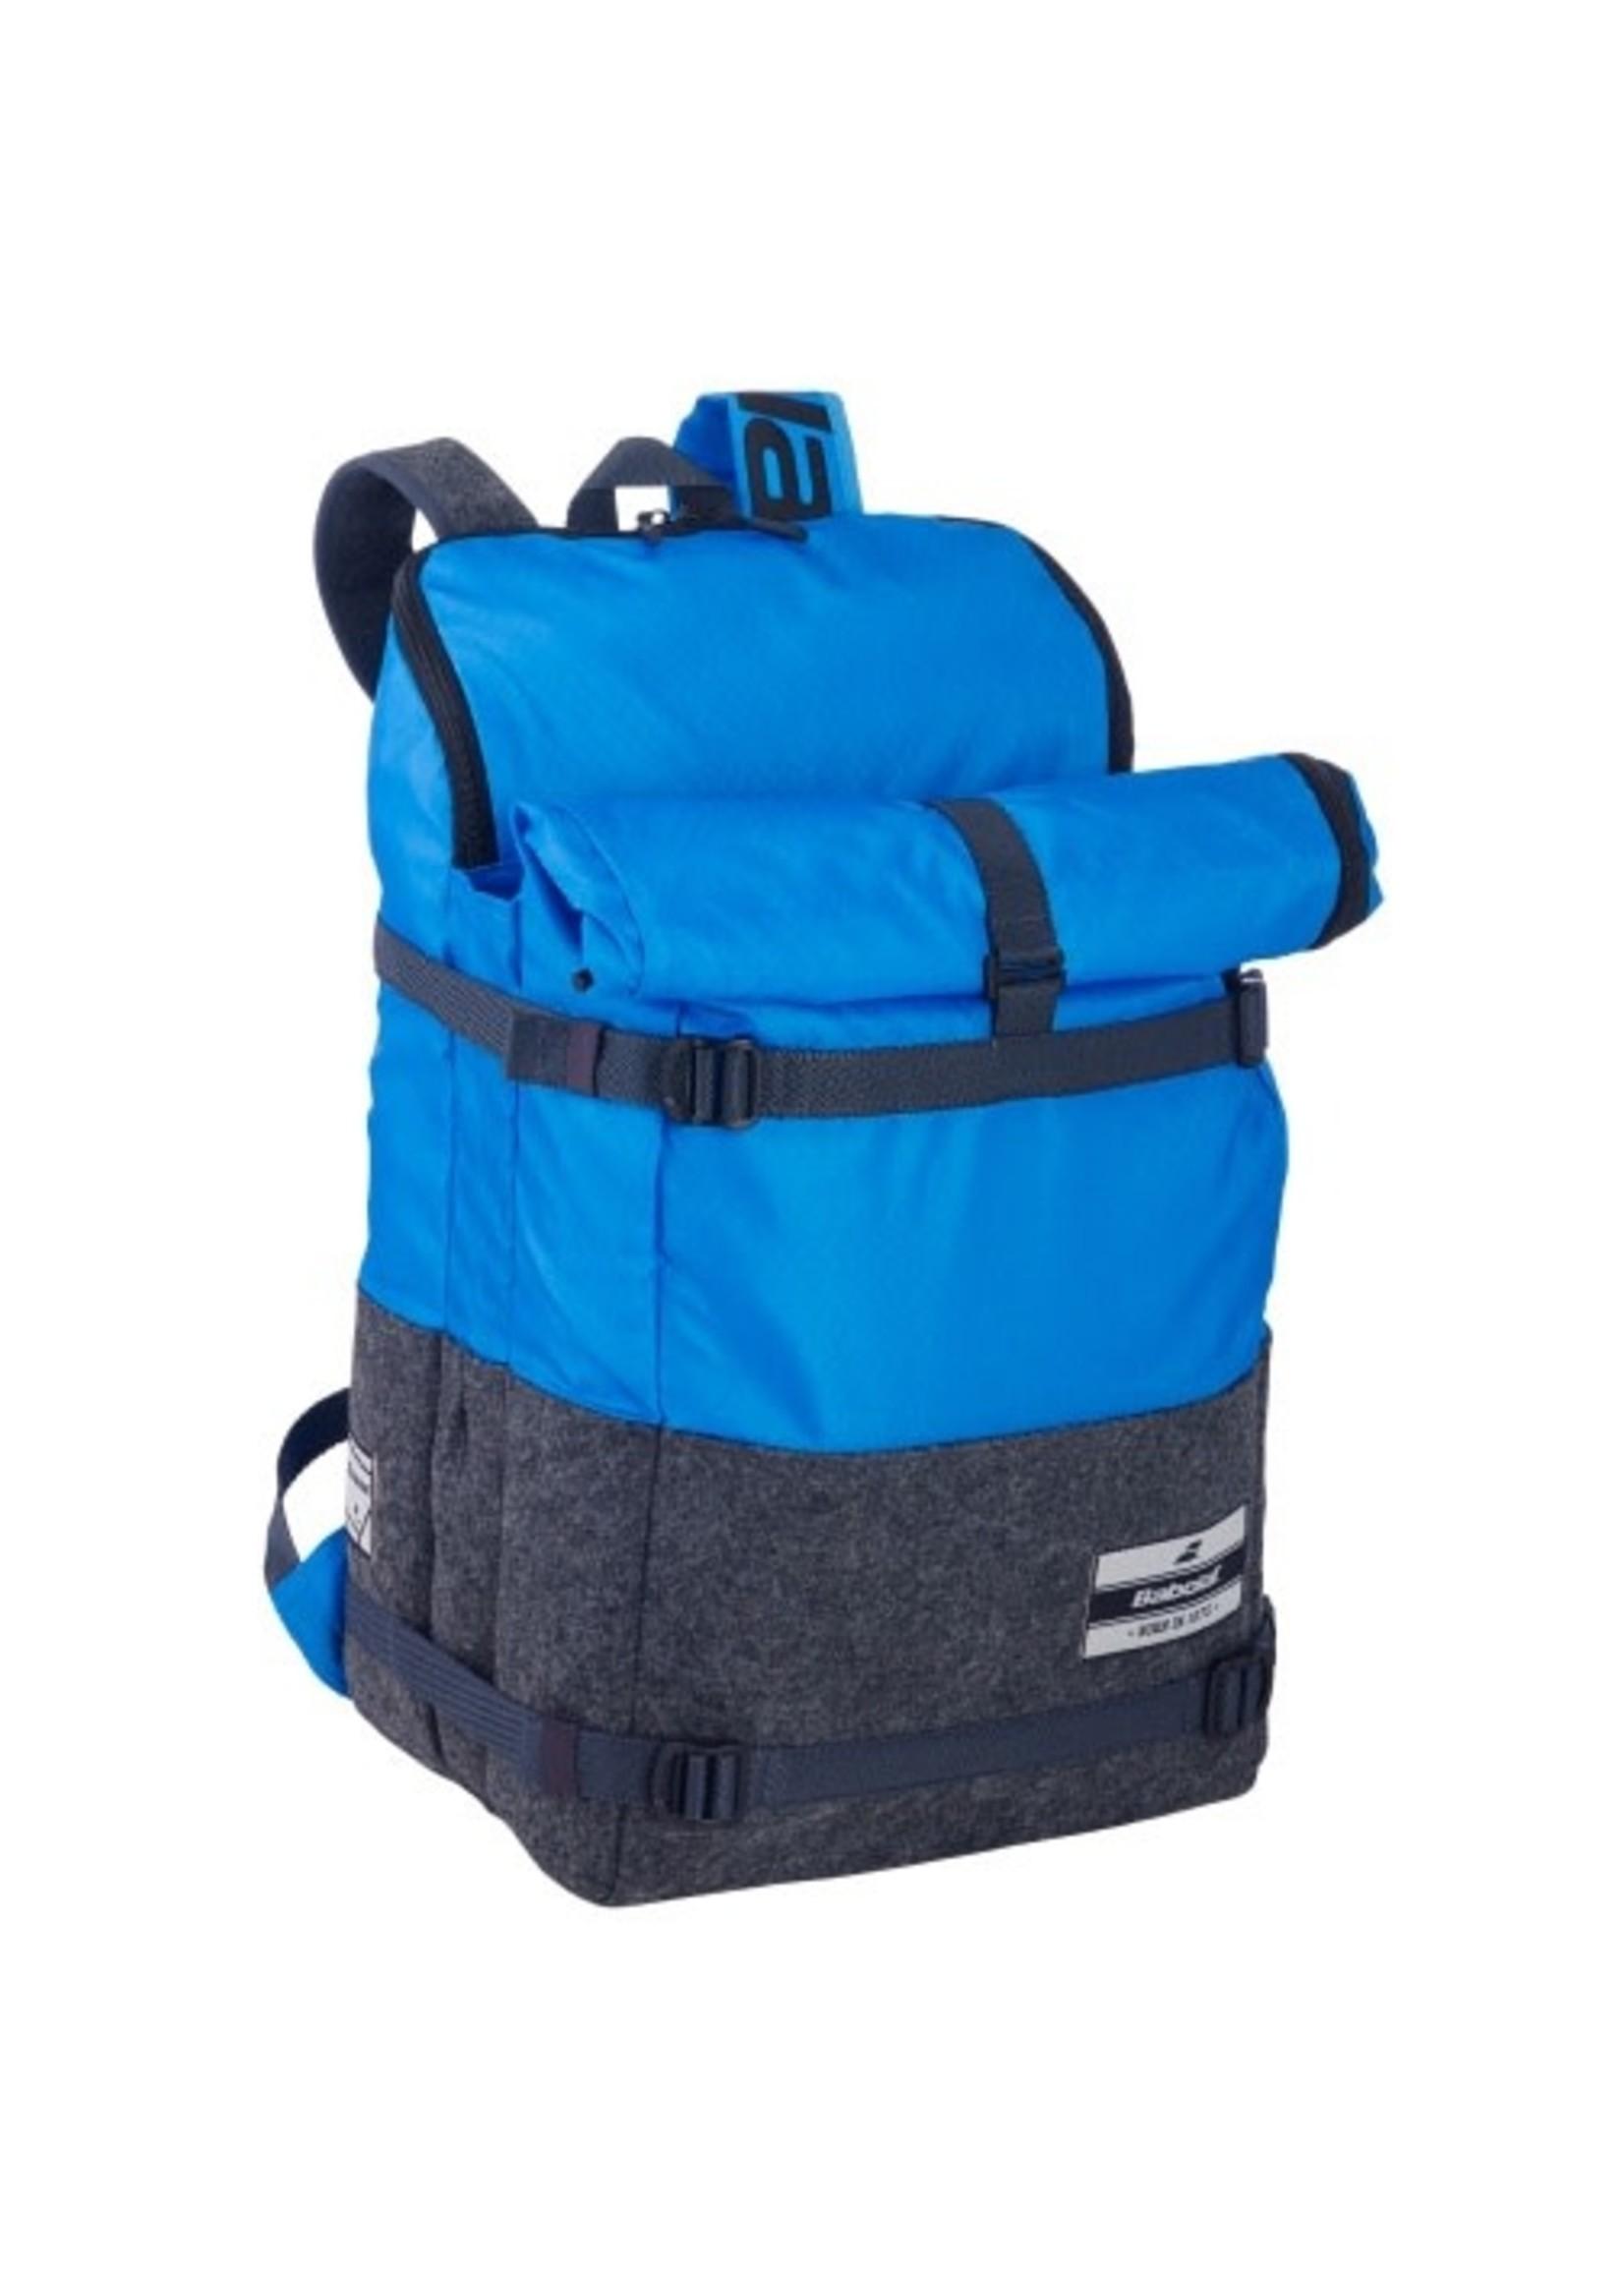 Babolat Babolat 3+3 Evo Backpack (2021)